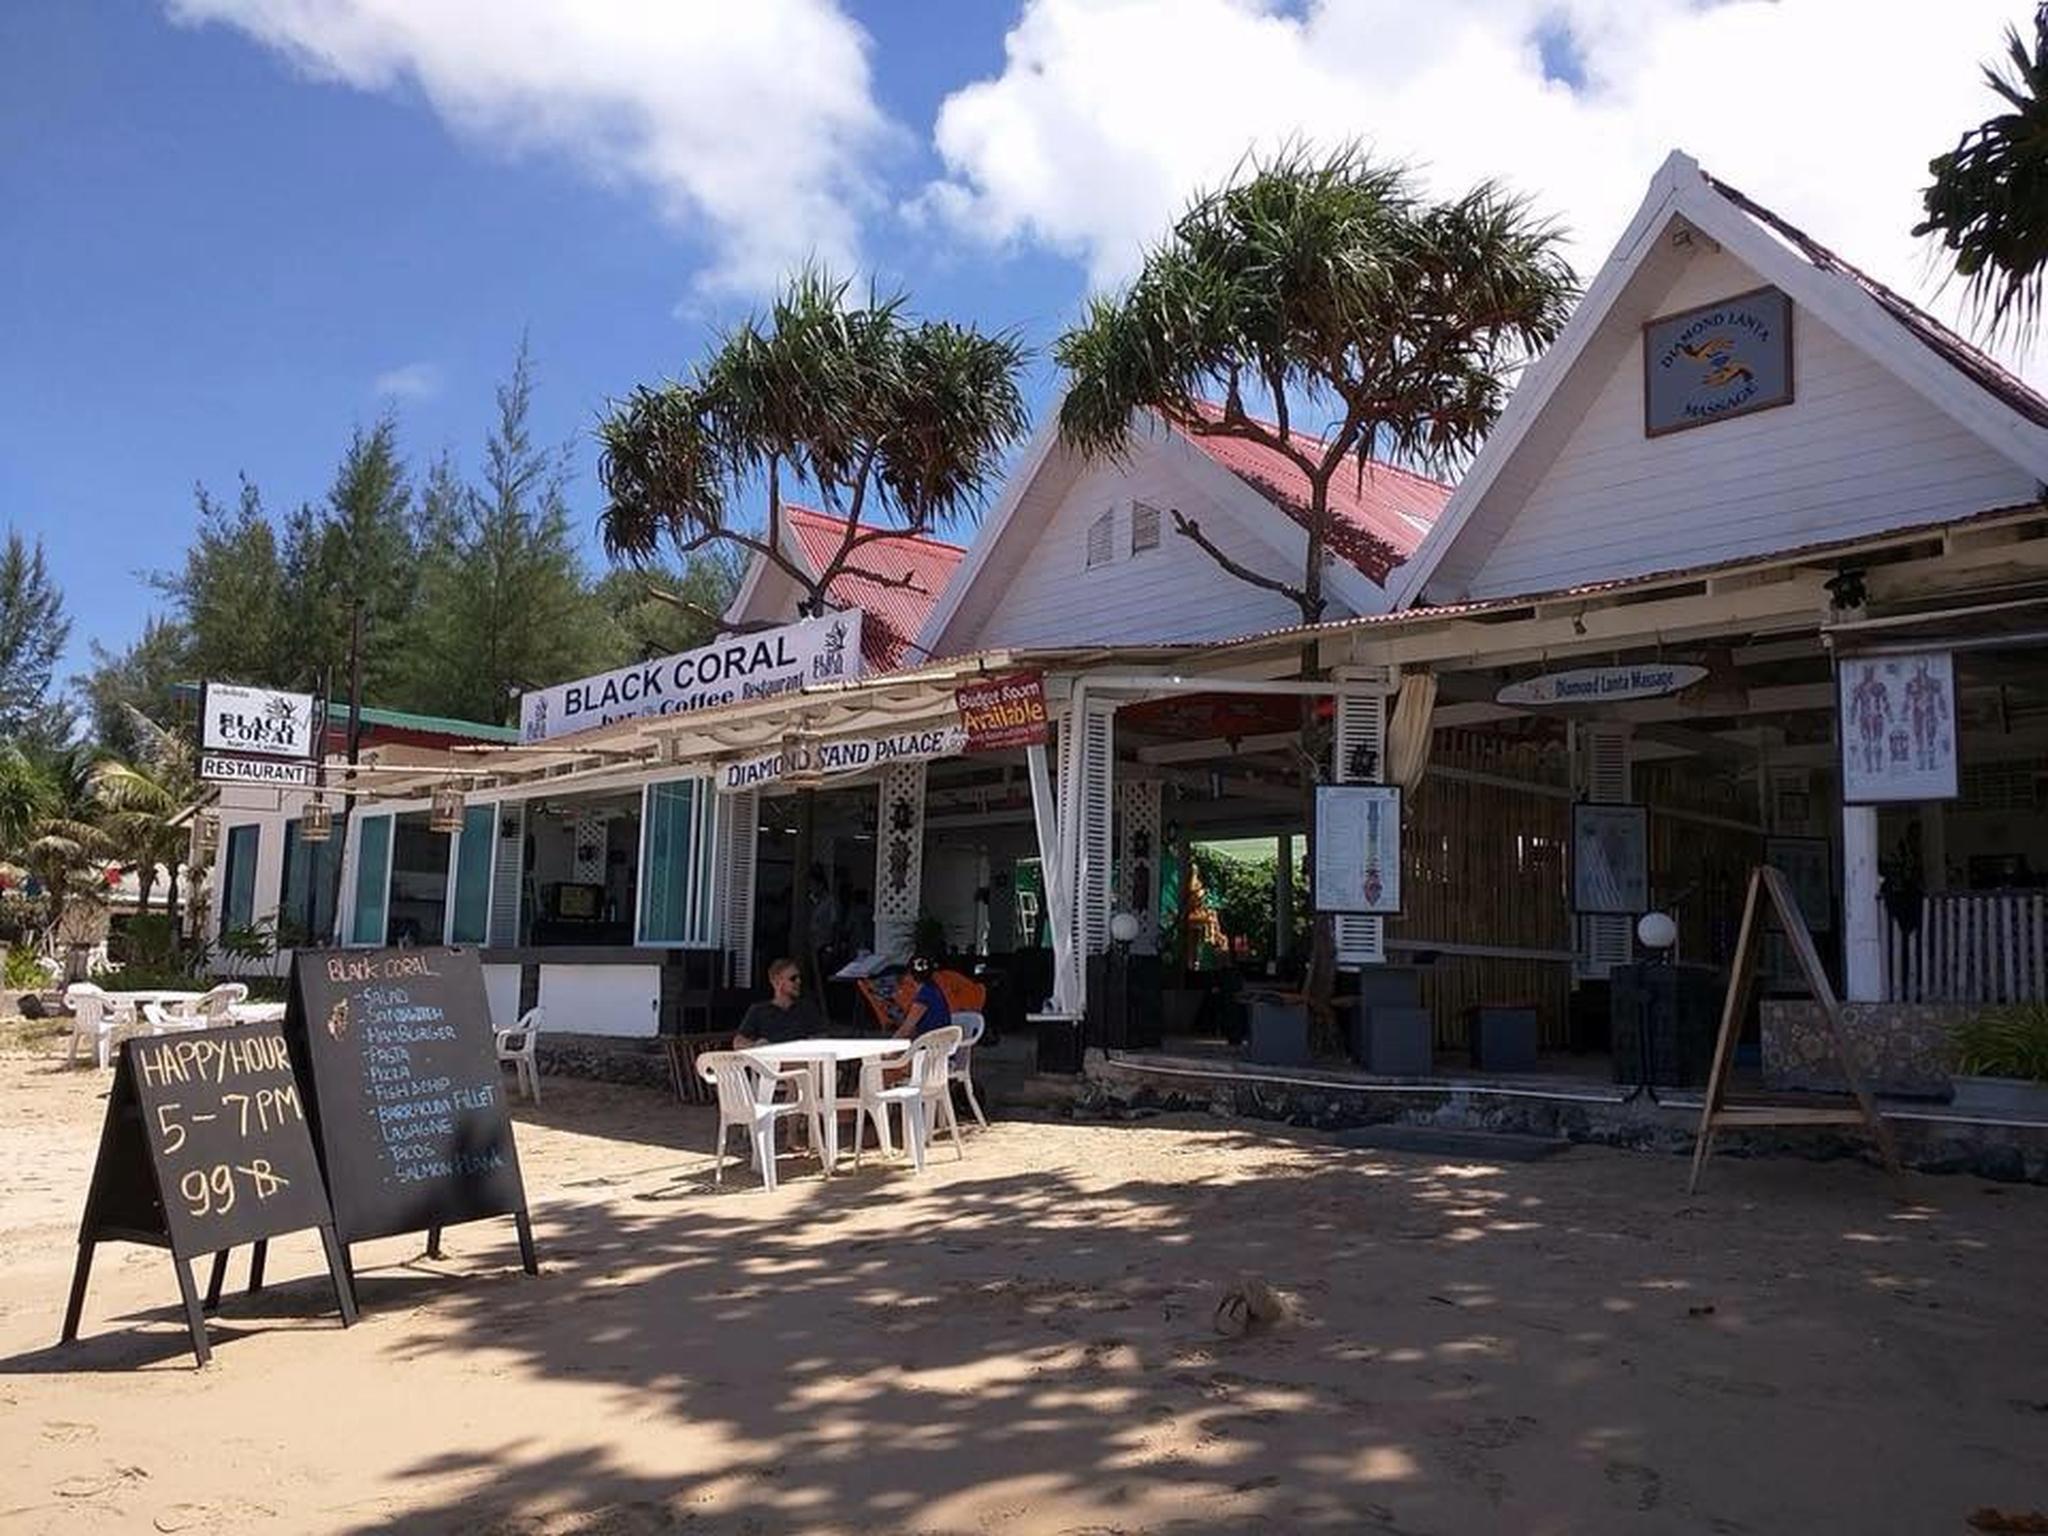 Diamond Sand Palace Resort ไดมอนด์ แซนด์ พาเลซ รีสอร์ต